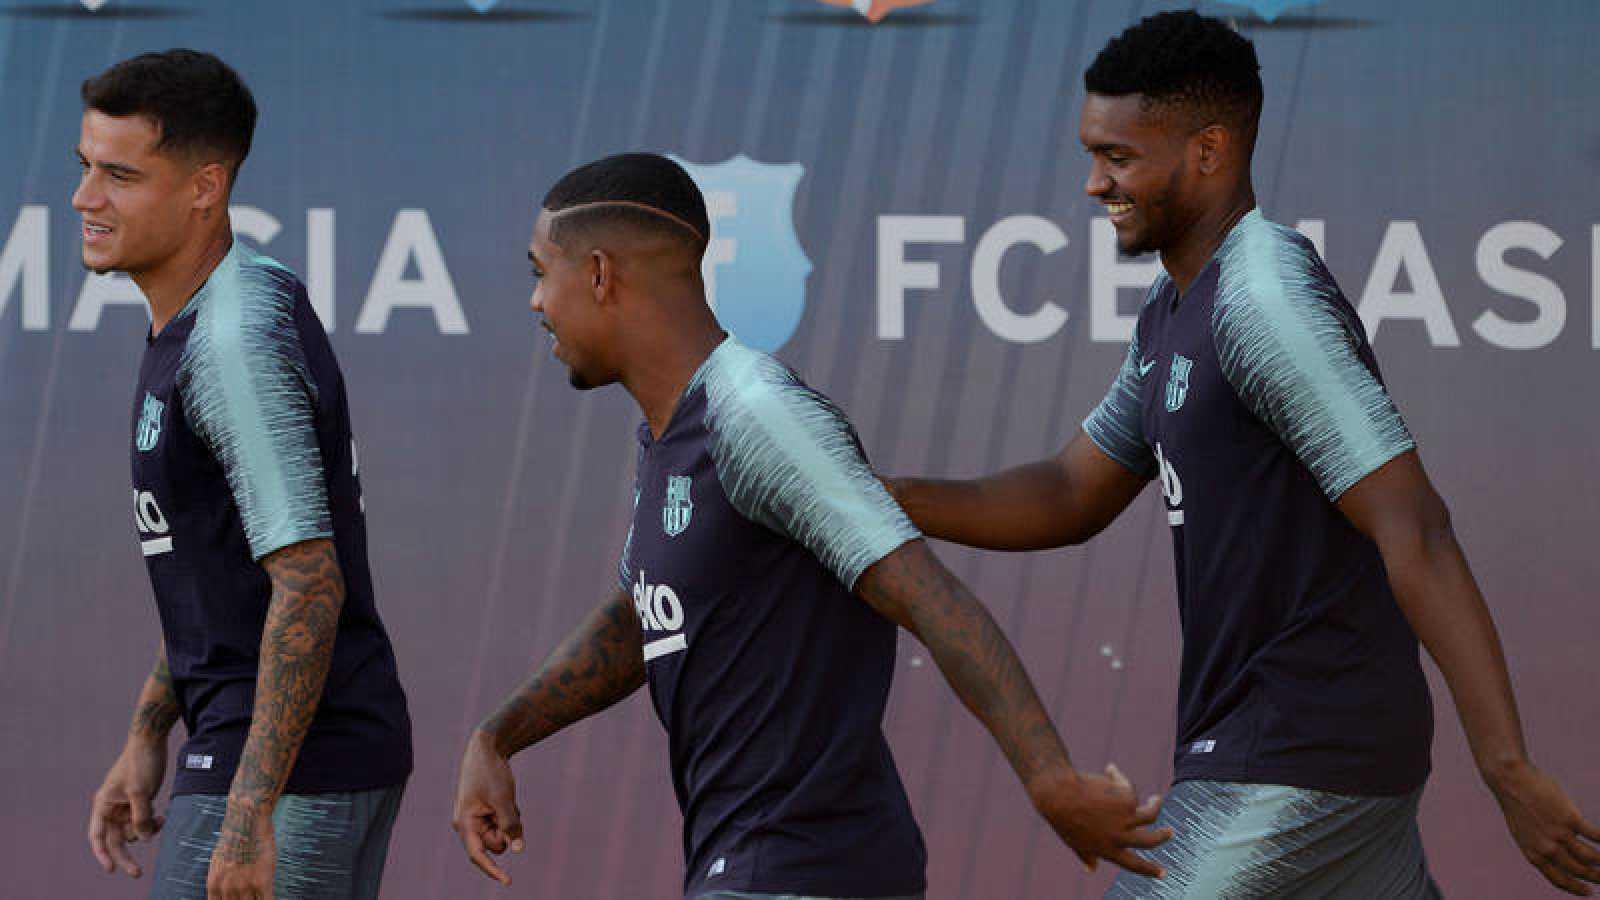 El brasileño Marlon, primero por la derecha, en un entrenamiento del Barça.